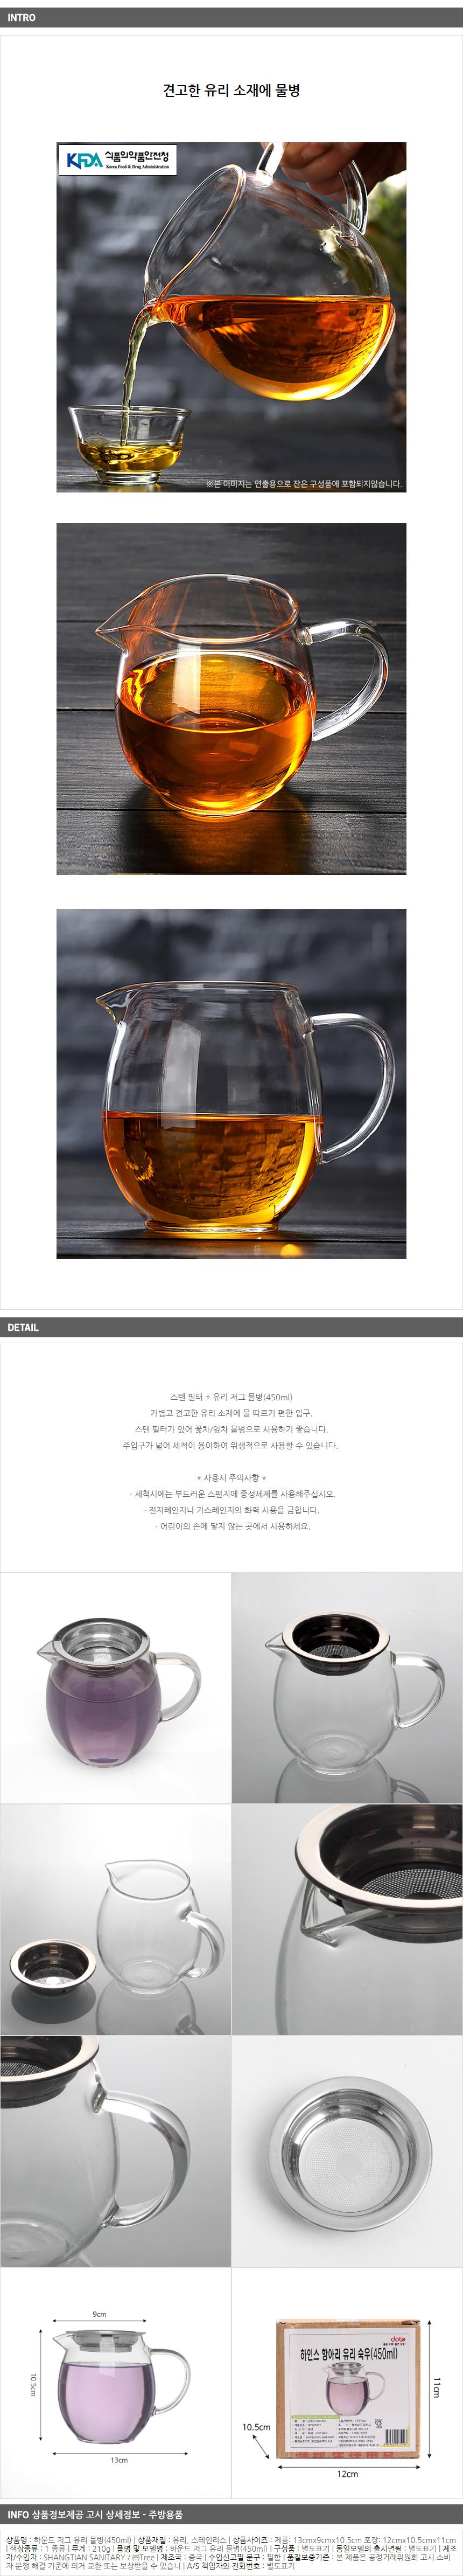 [로하티]하운드 저그 유리 물병(450ml)/유리병 저그물병 - 기프트갓, 9,720원, 보틀/텀블러, 키친 물병